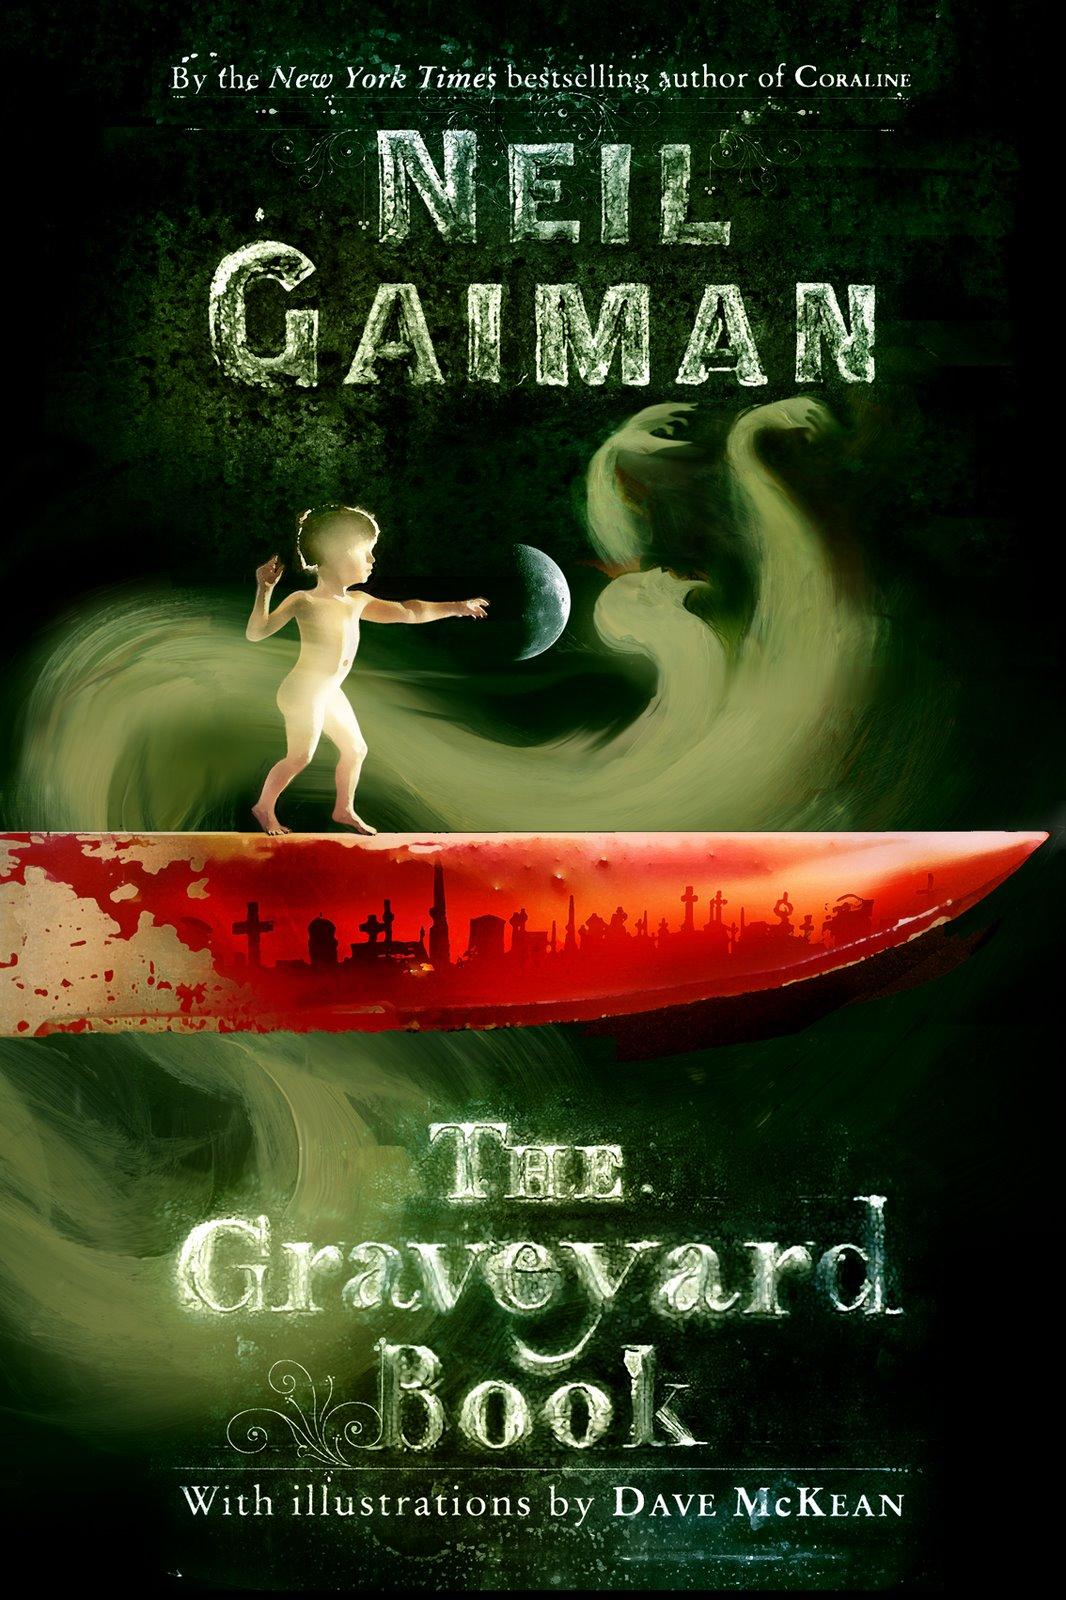 El Blog de Alberto Calvo: Reseña: The Graveyard Book, de